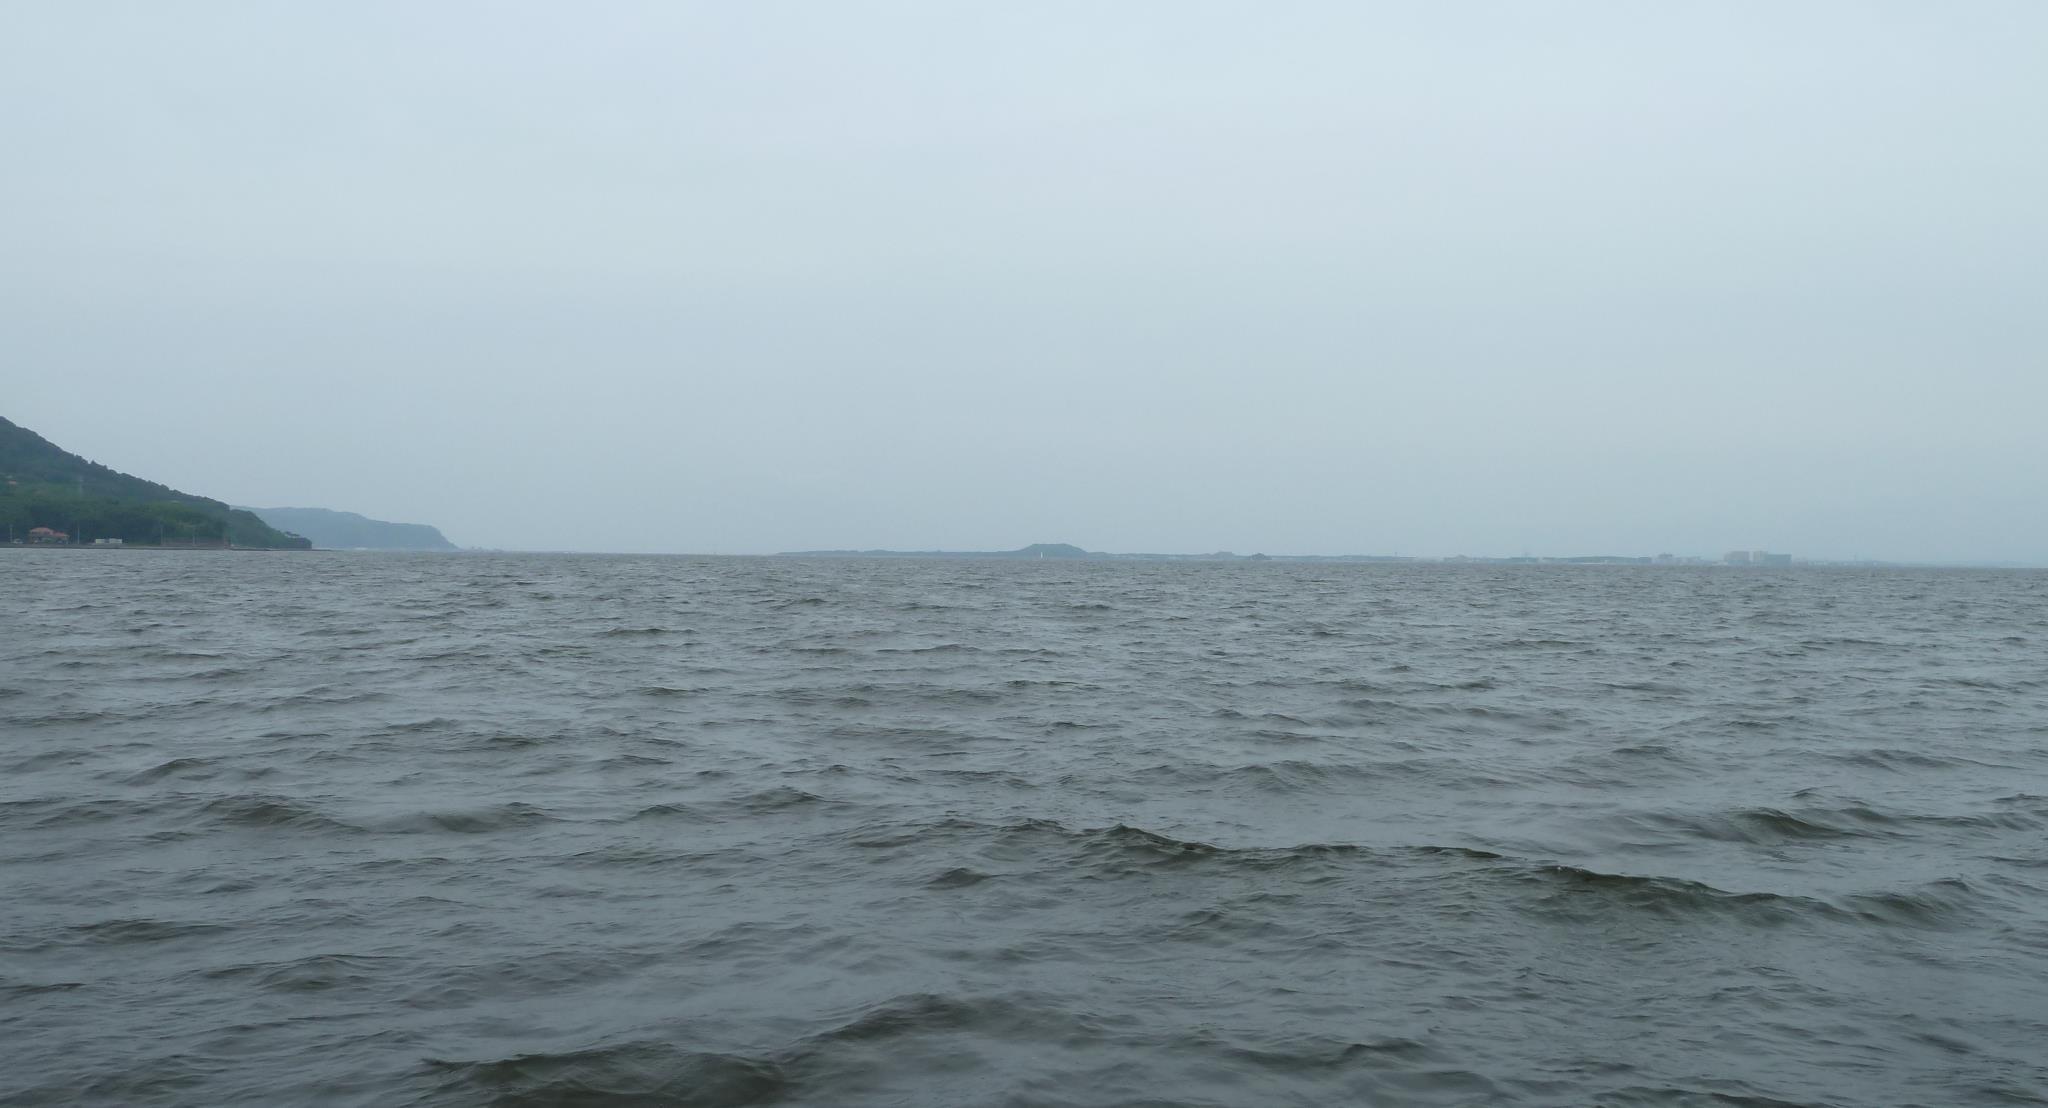 いい風が吹いている。_f0166694_19164049.jpg